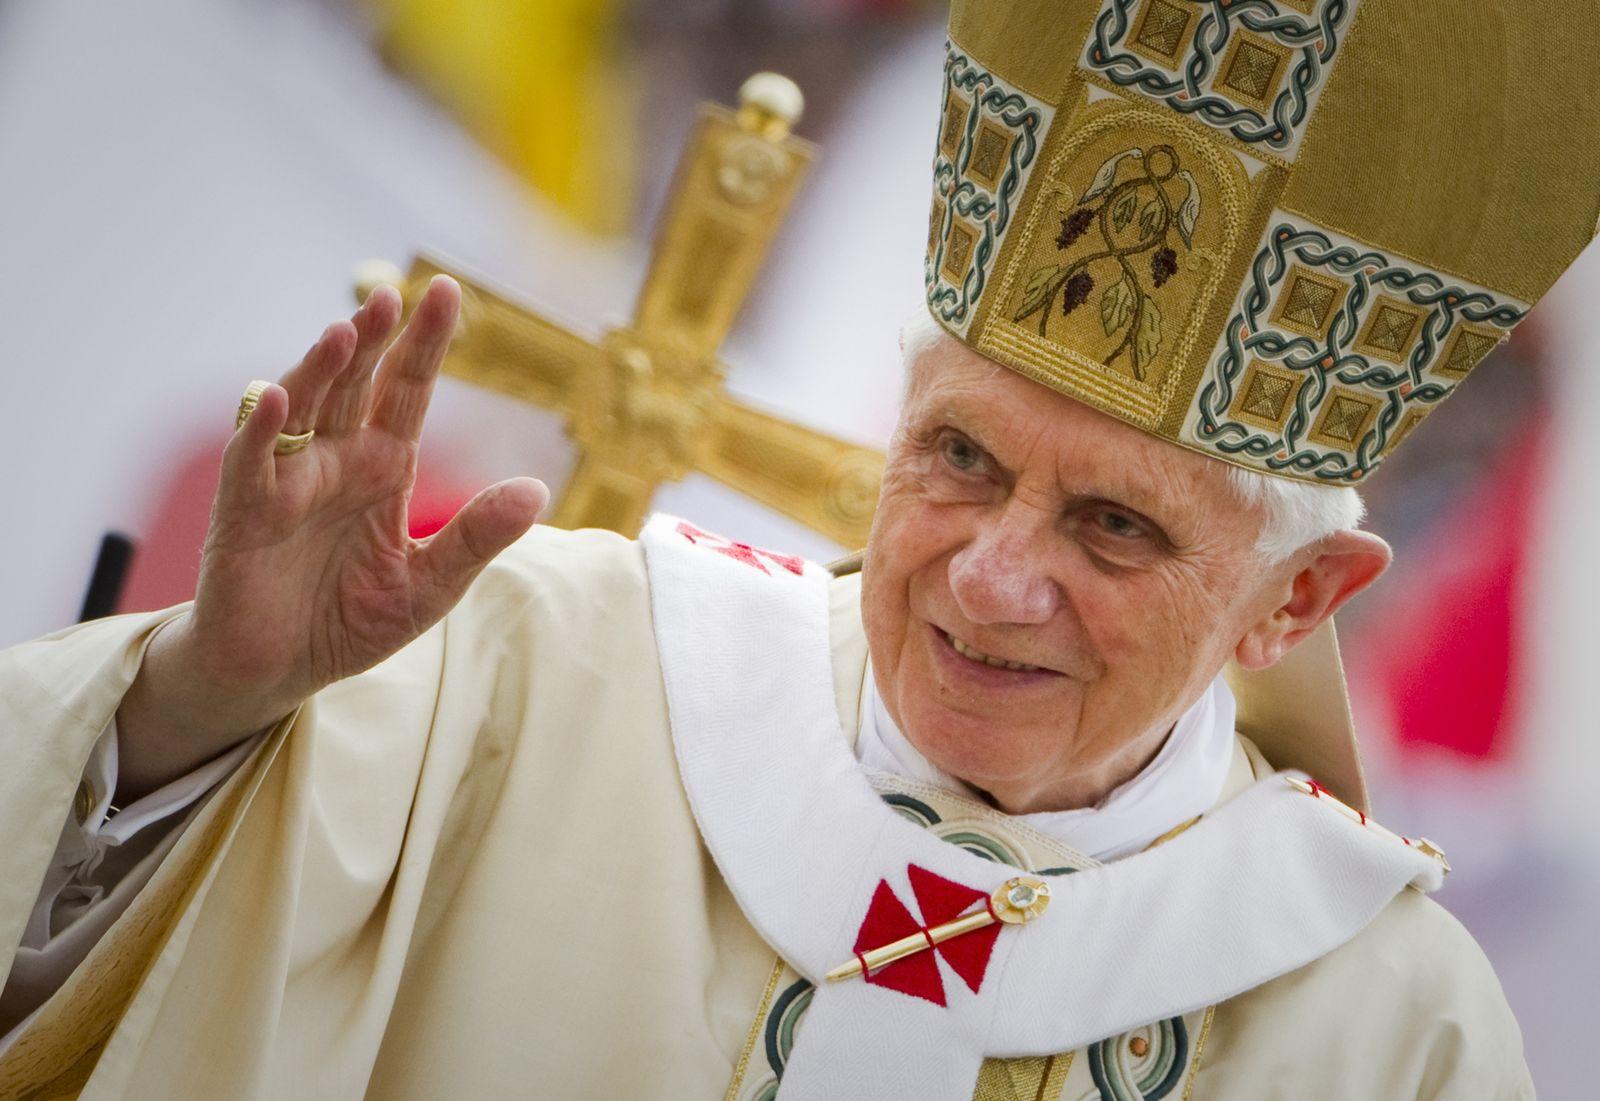 EINMALIGE VERWENDUNG Geheimnisse hinter hohen Mauern - Rom vor der Papstwahl